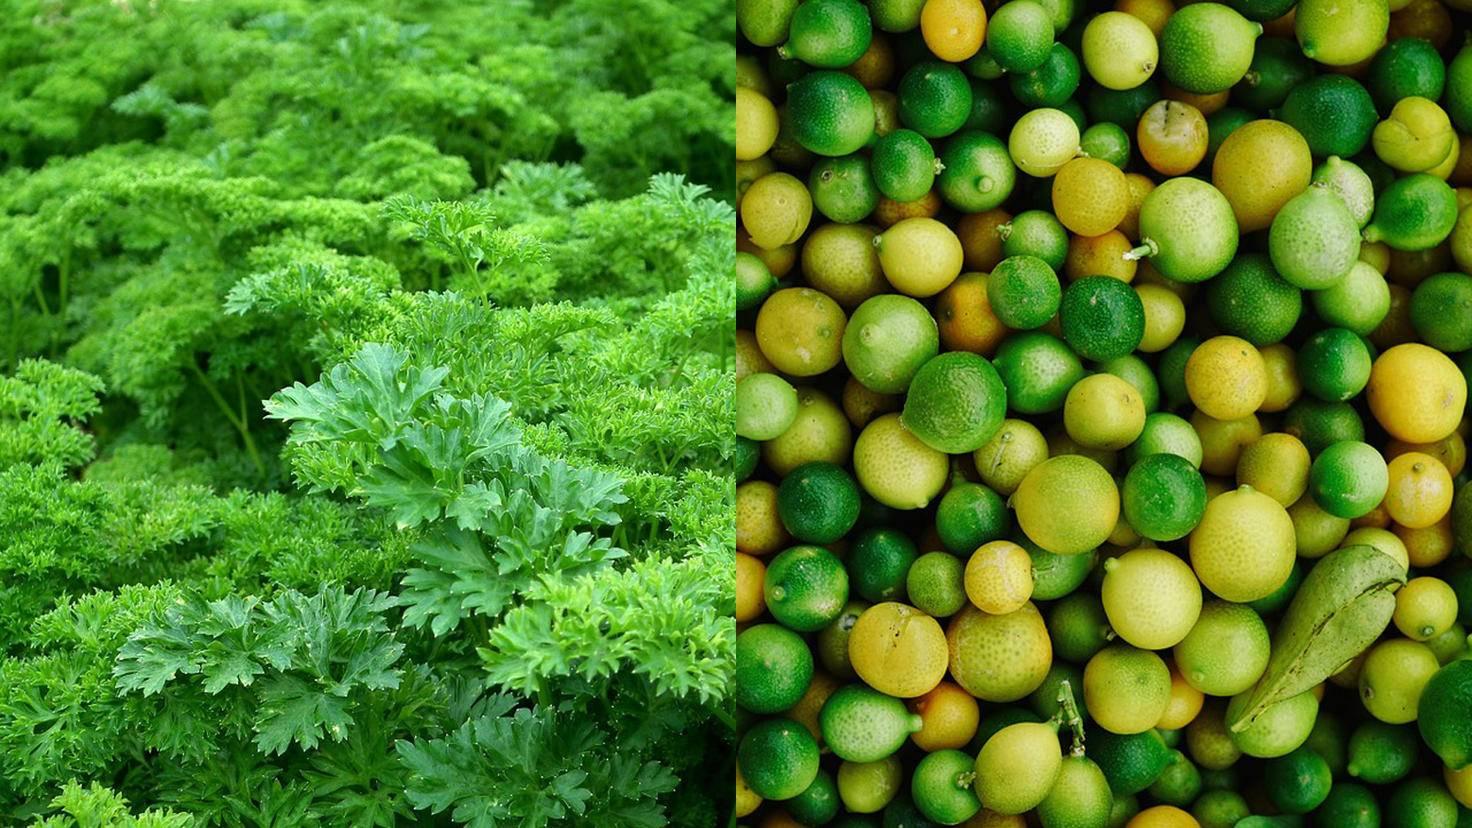 lemons parsley